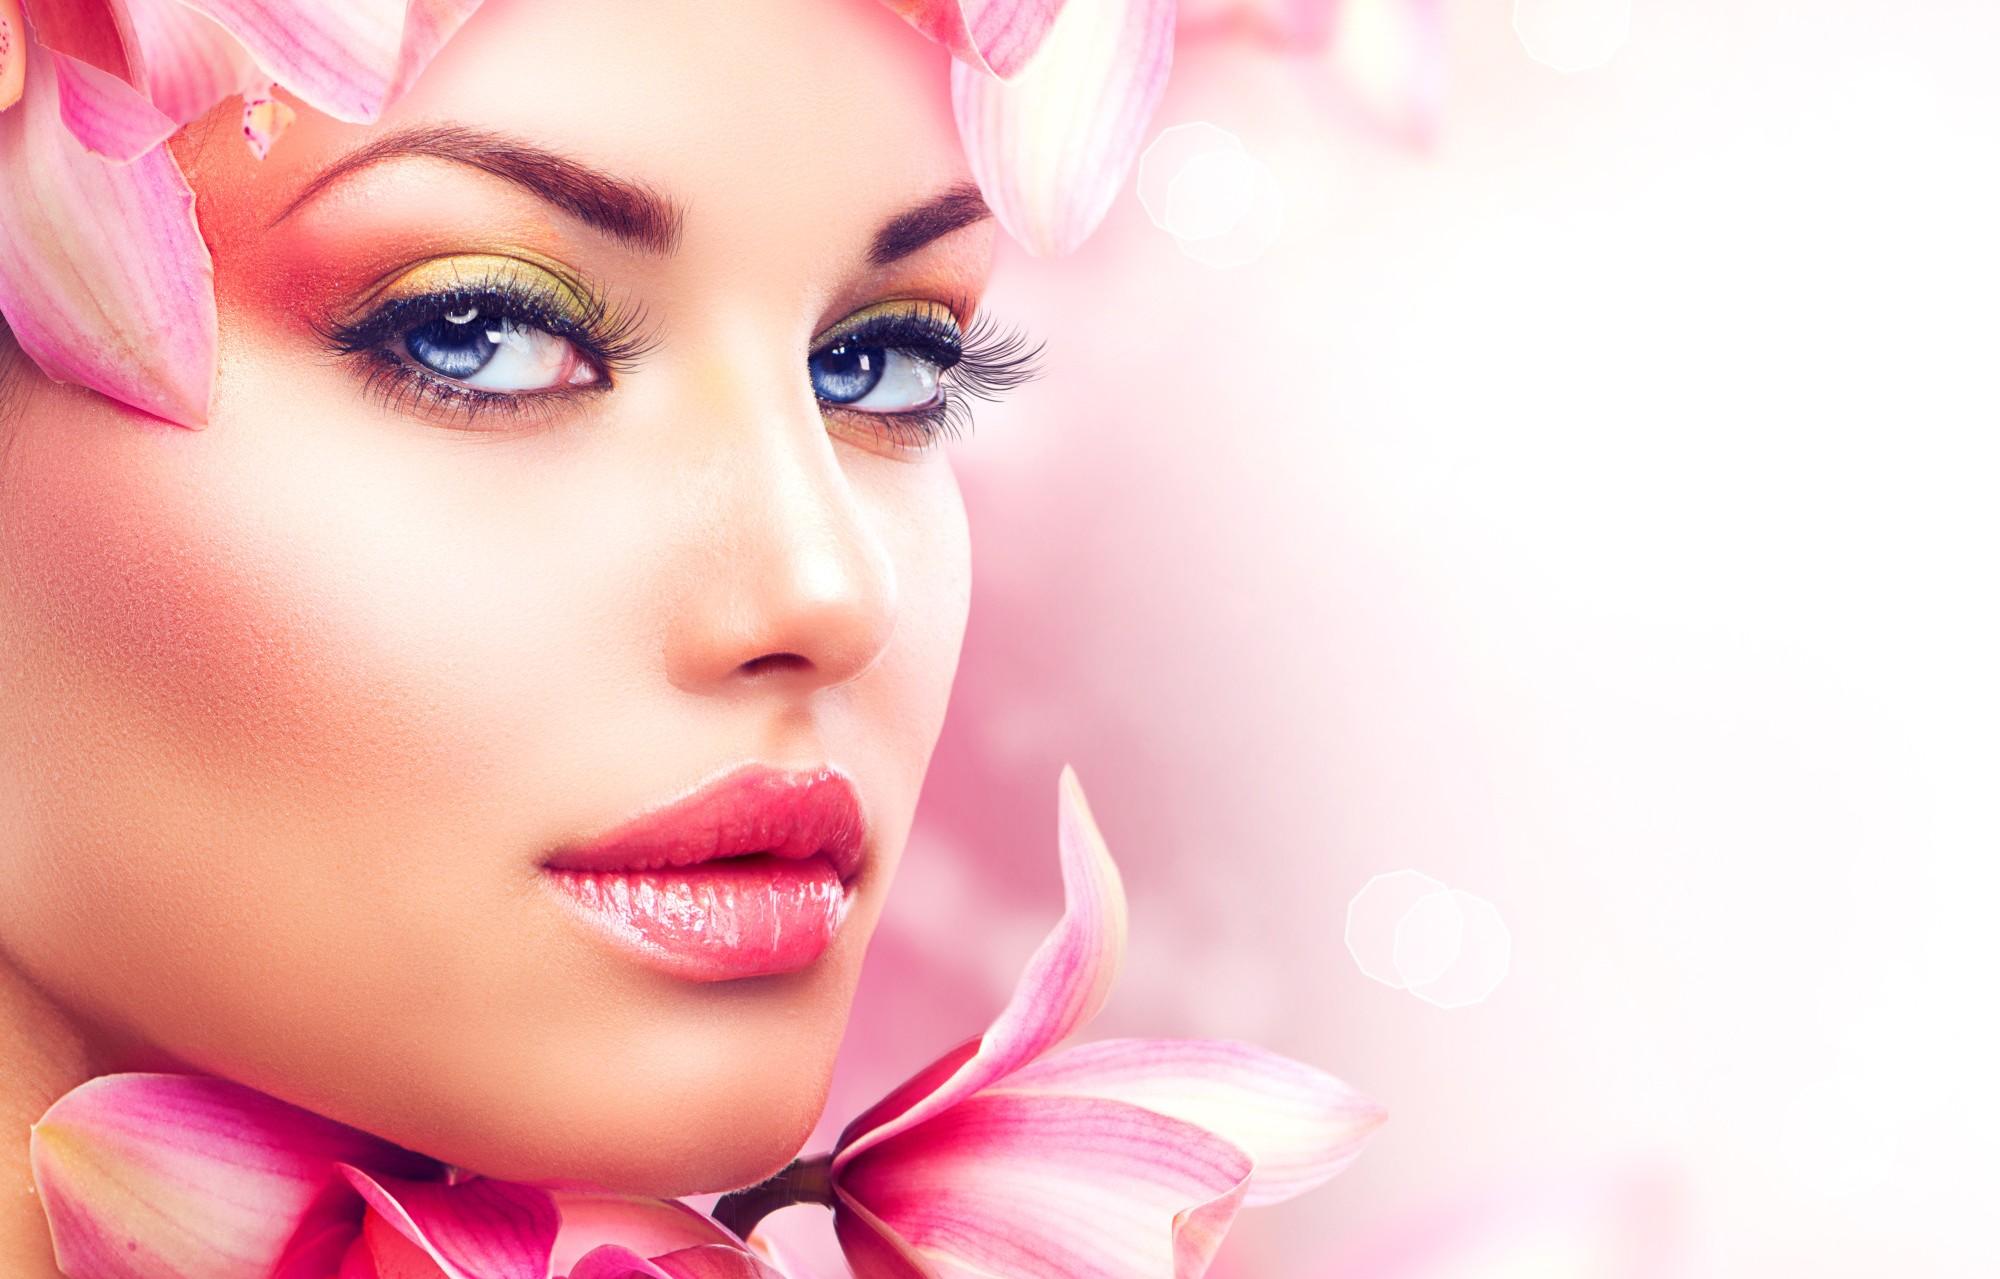 Elite Fashion E Beauty Spa: The Little Beauty Box